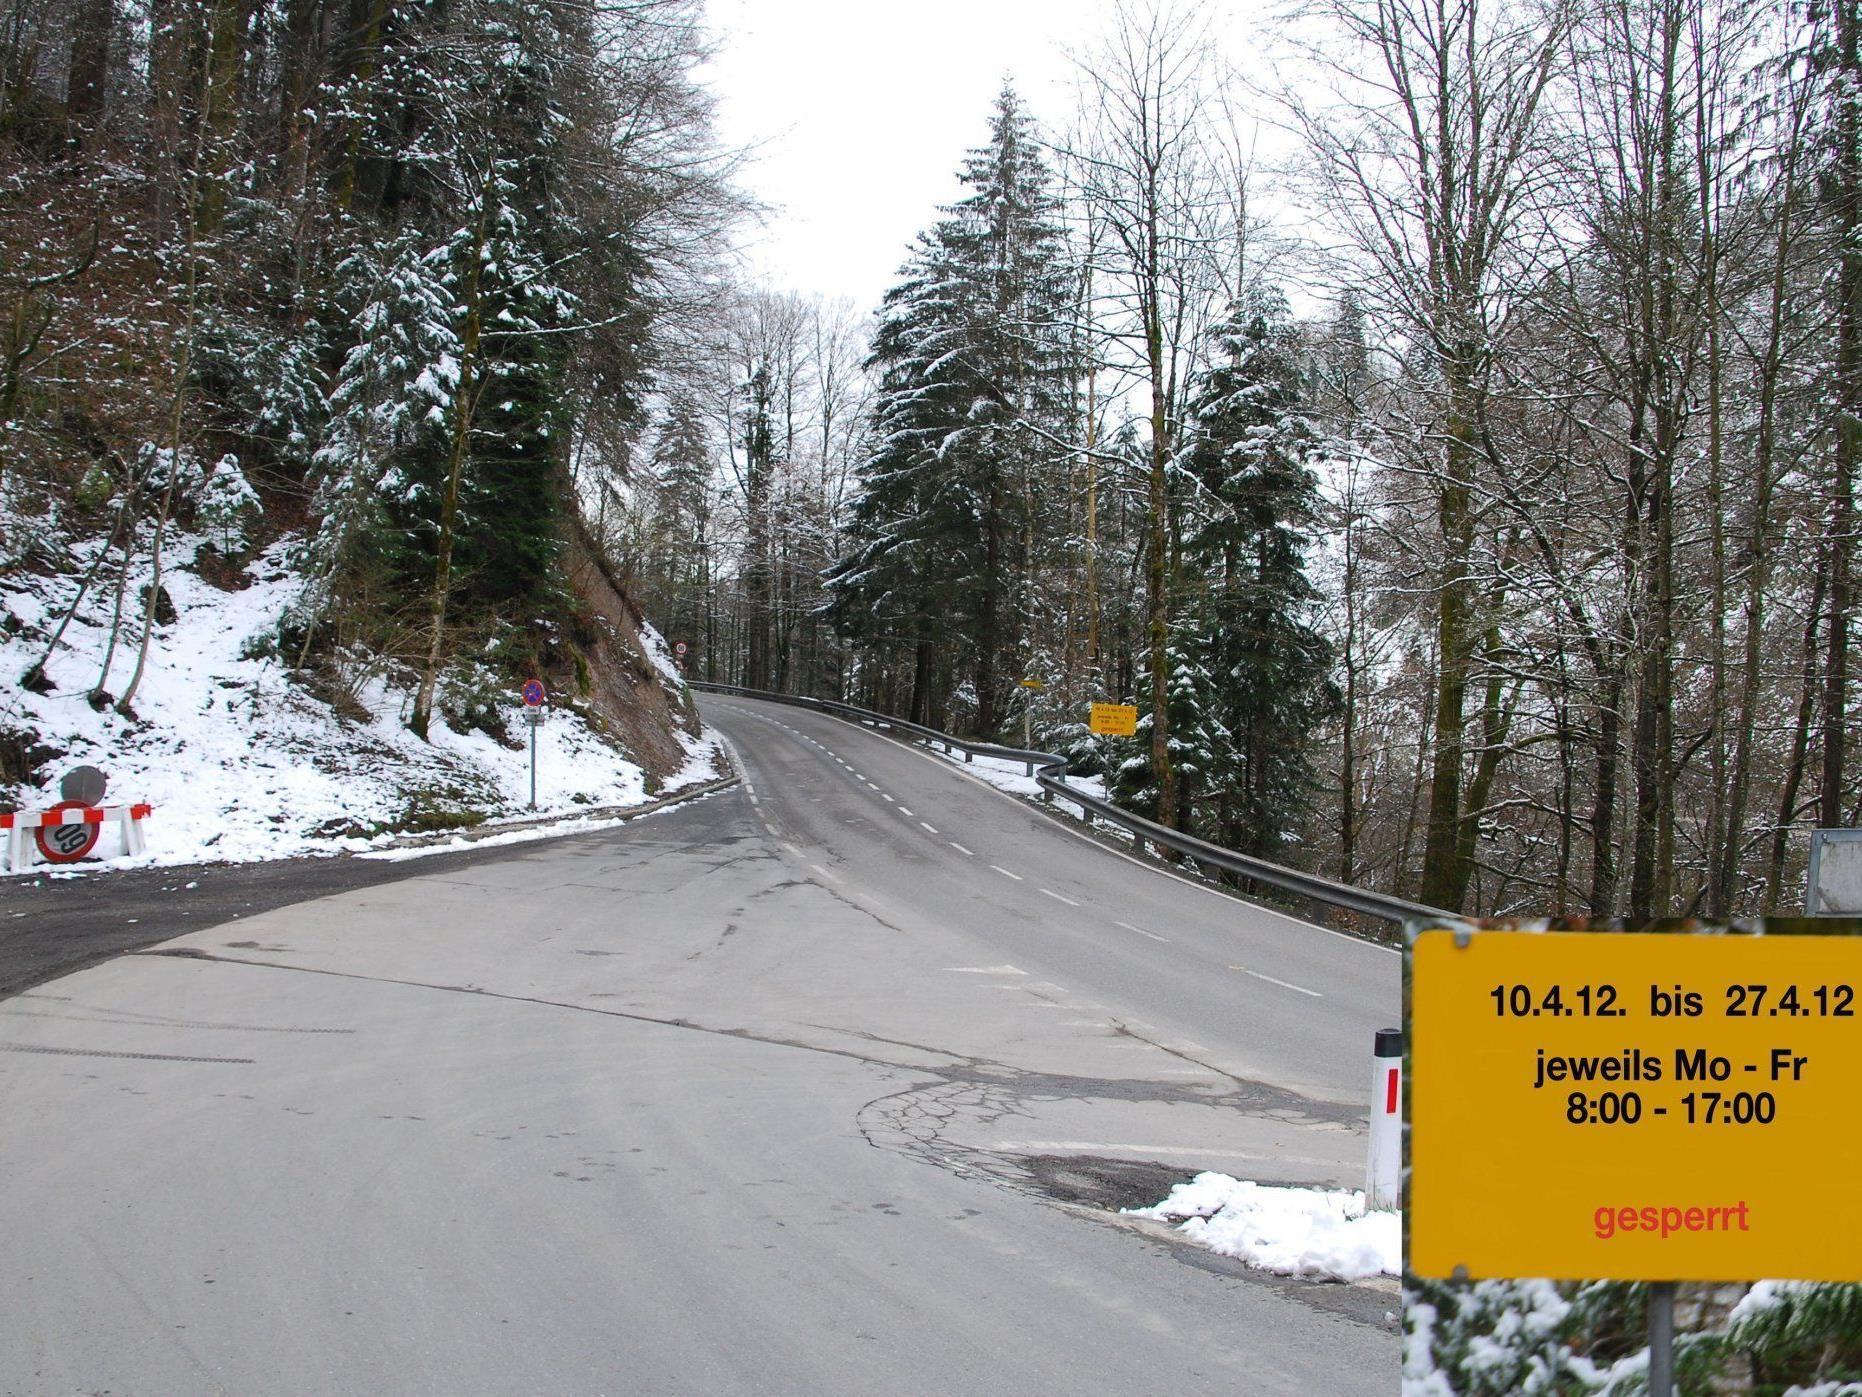 Wegen Forstarbeiten muss die Langenerstraße vom Wirtatobel bis Langen wochentags gesperrt werden.